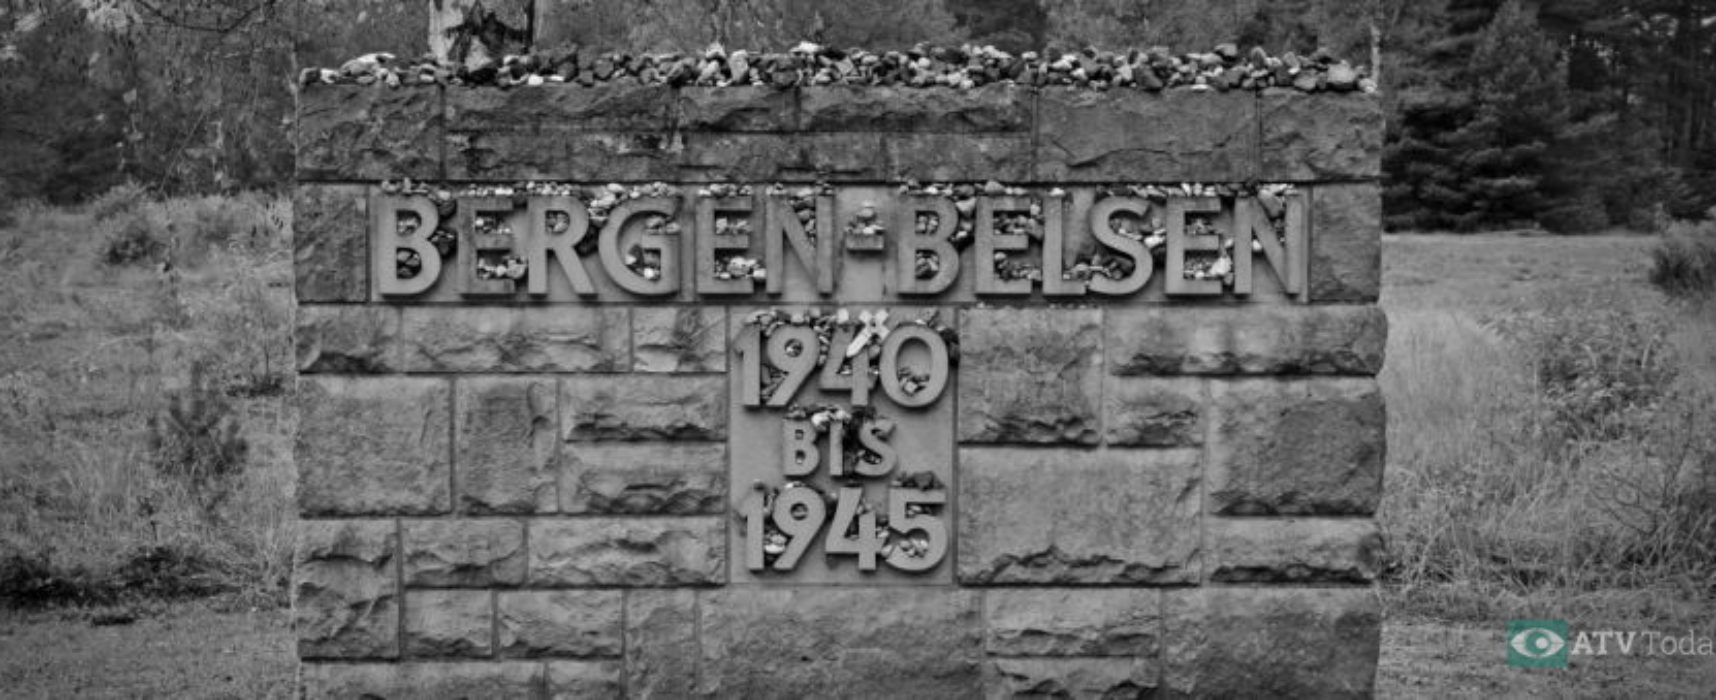 ITV documentary to remember Belsen